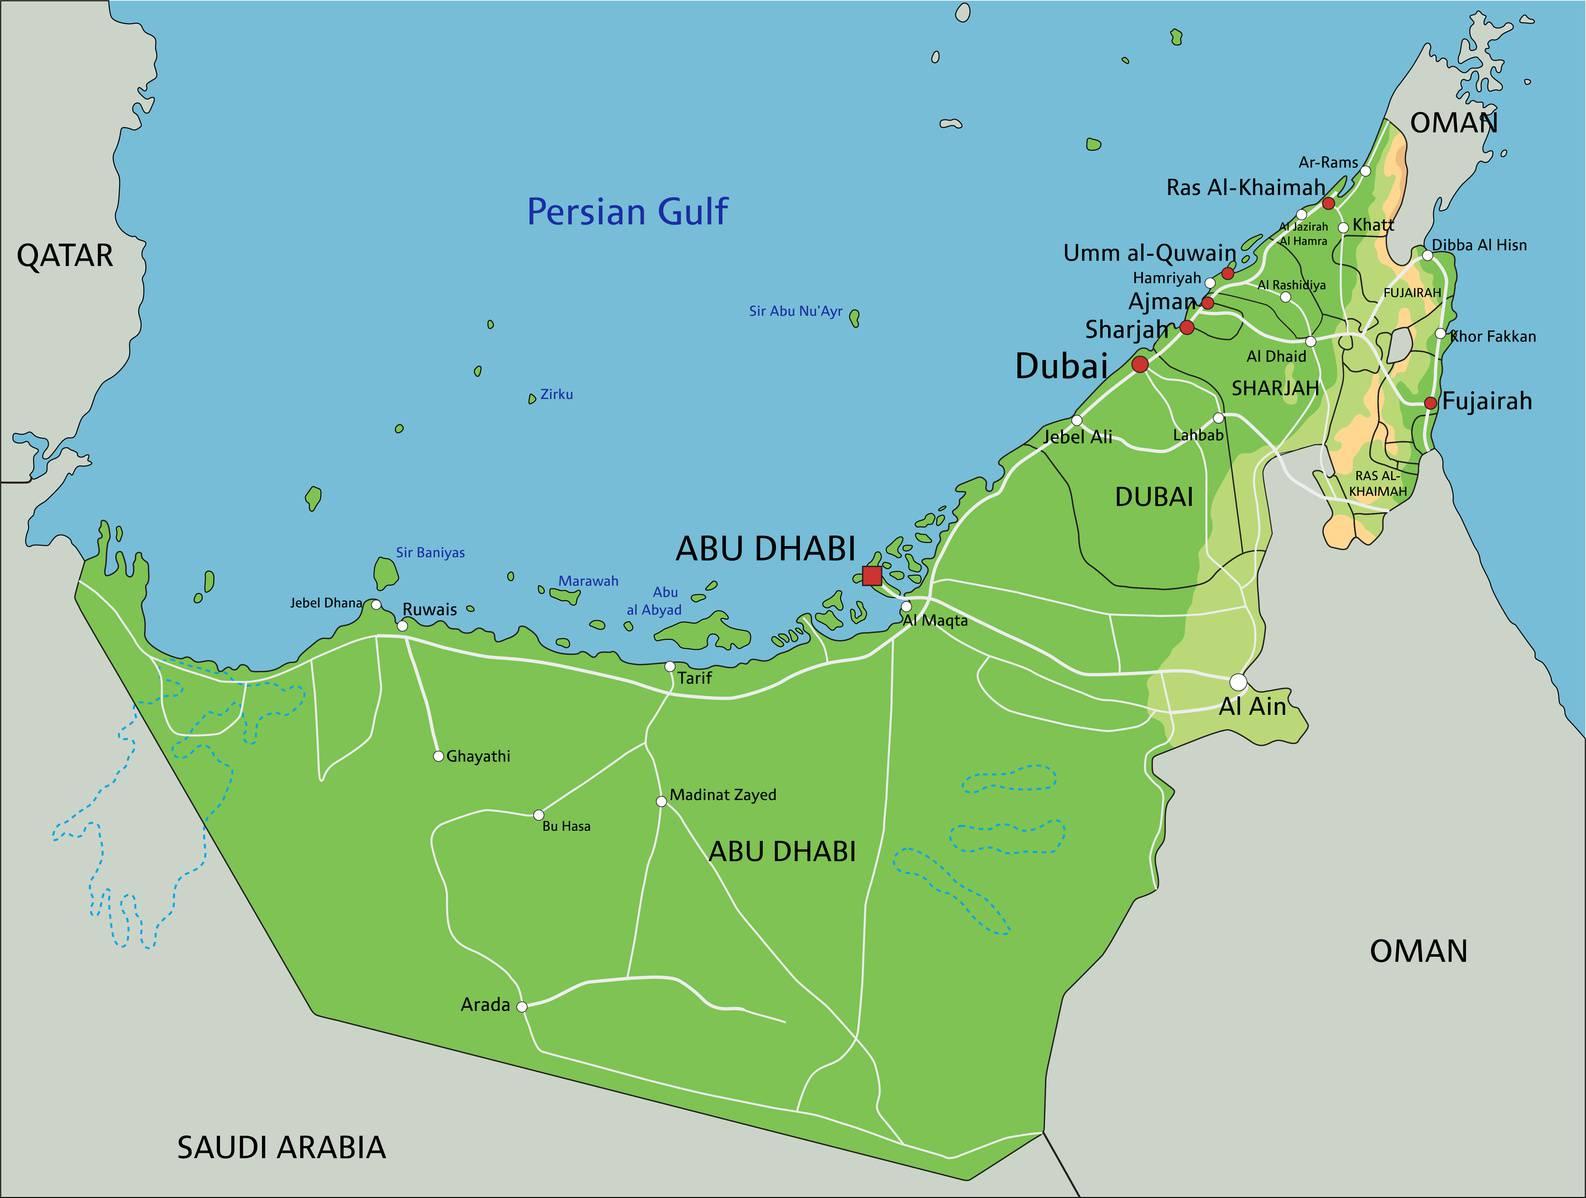 Carte géographique des Emirats arabes unis